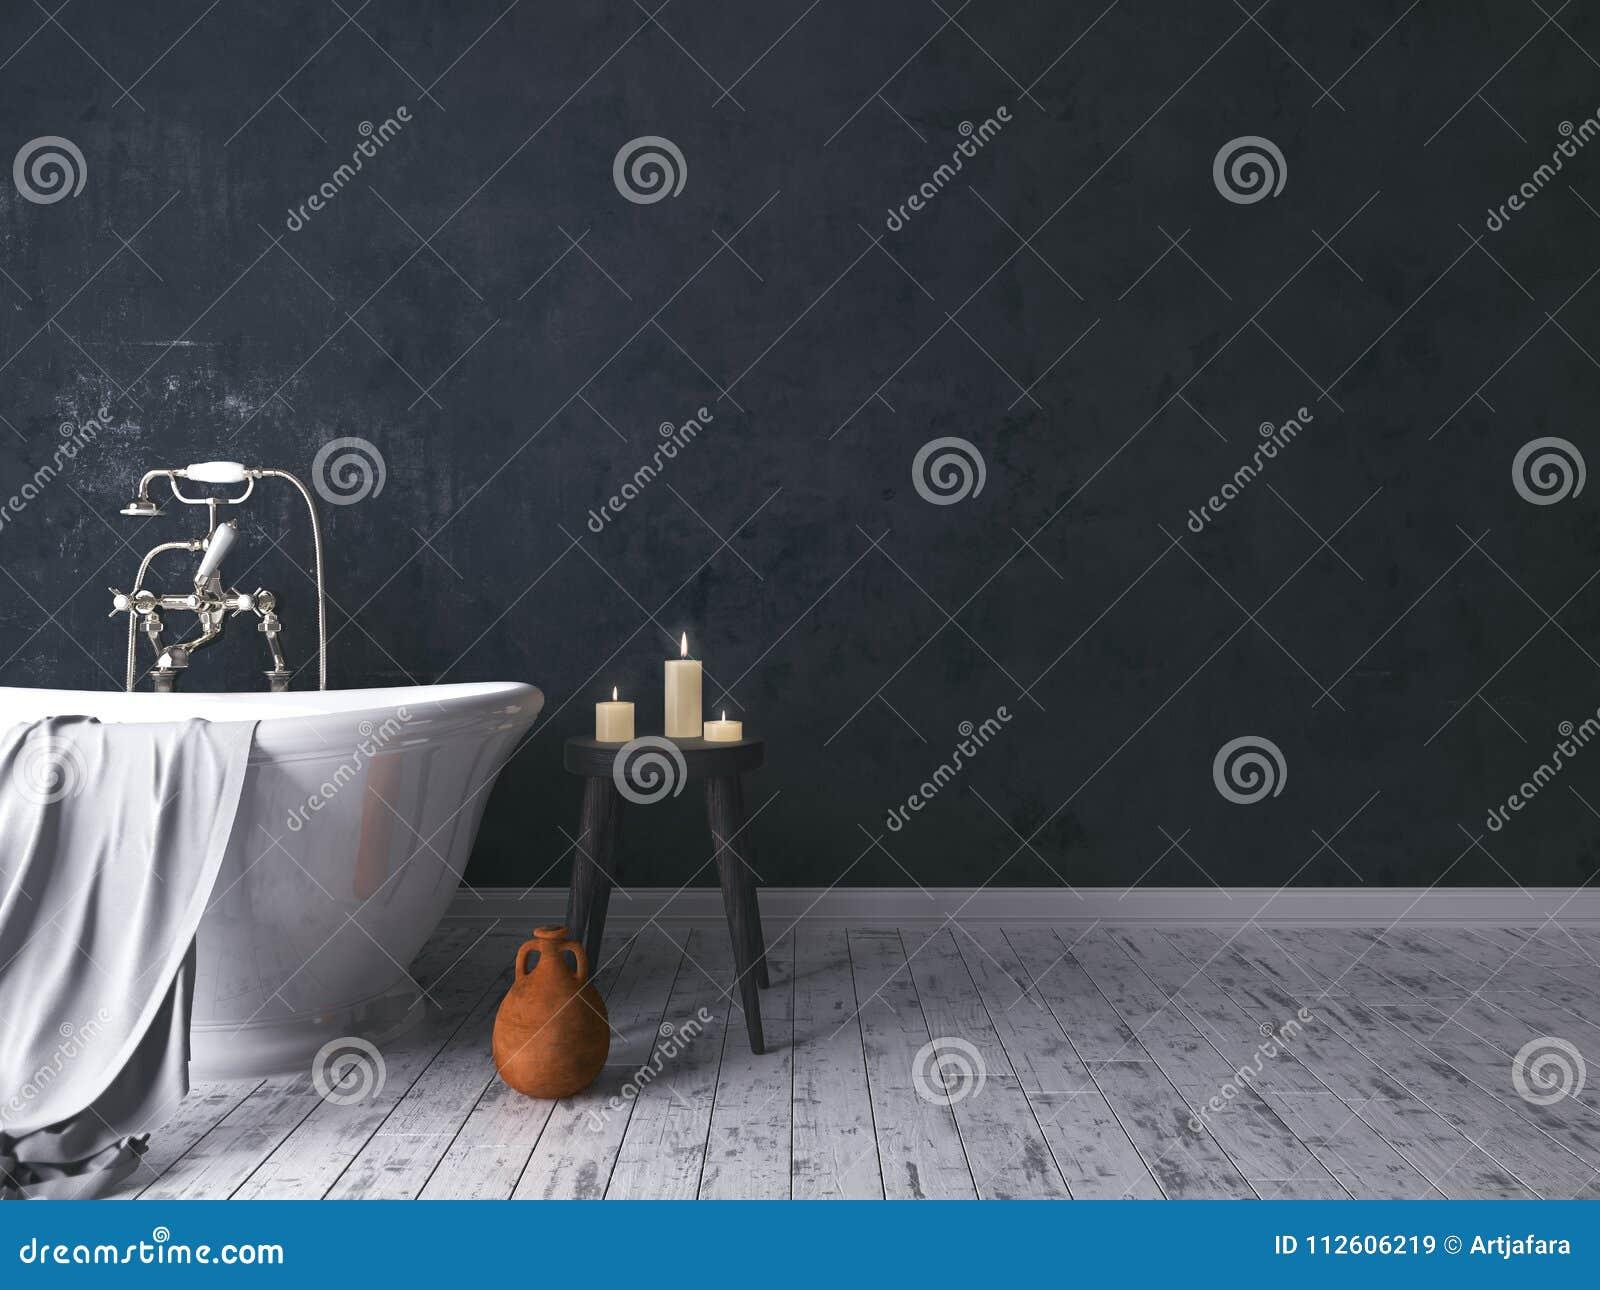 Bagno Legno Rustico : Bagno rustico con il vecchio panchetto di legno immagine stock